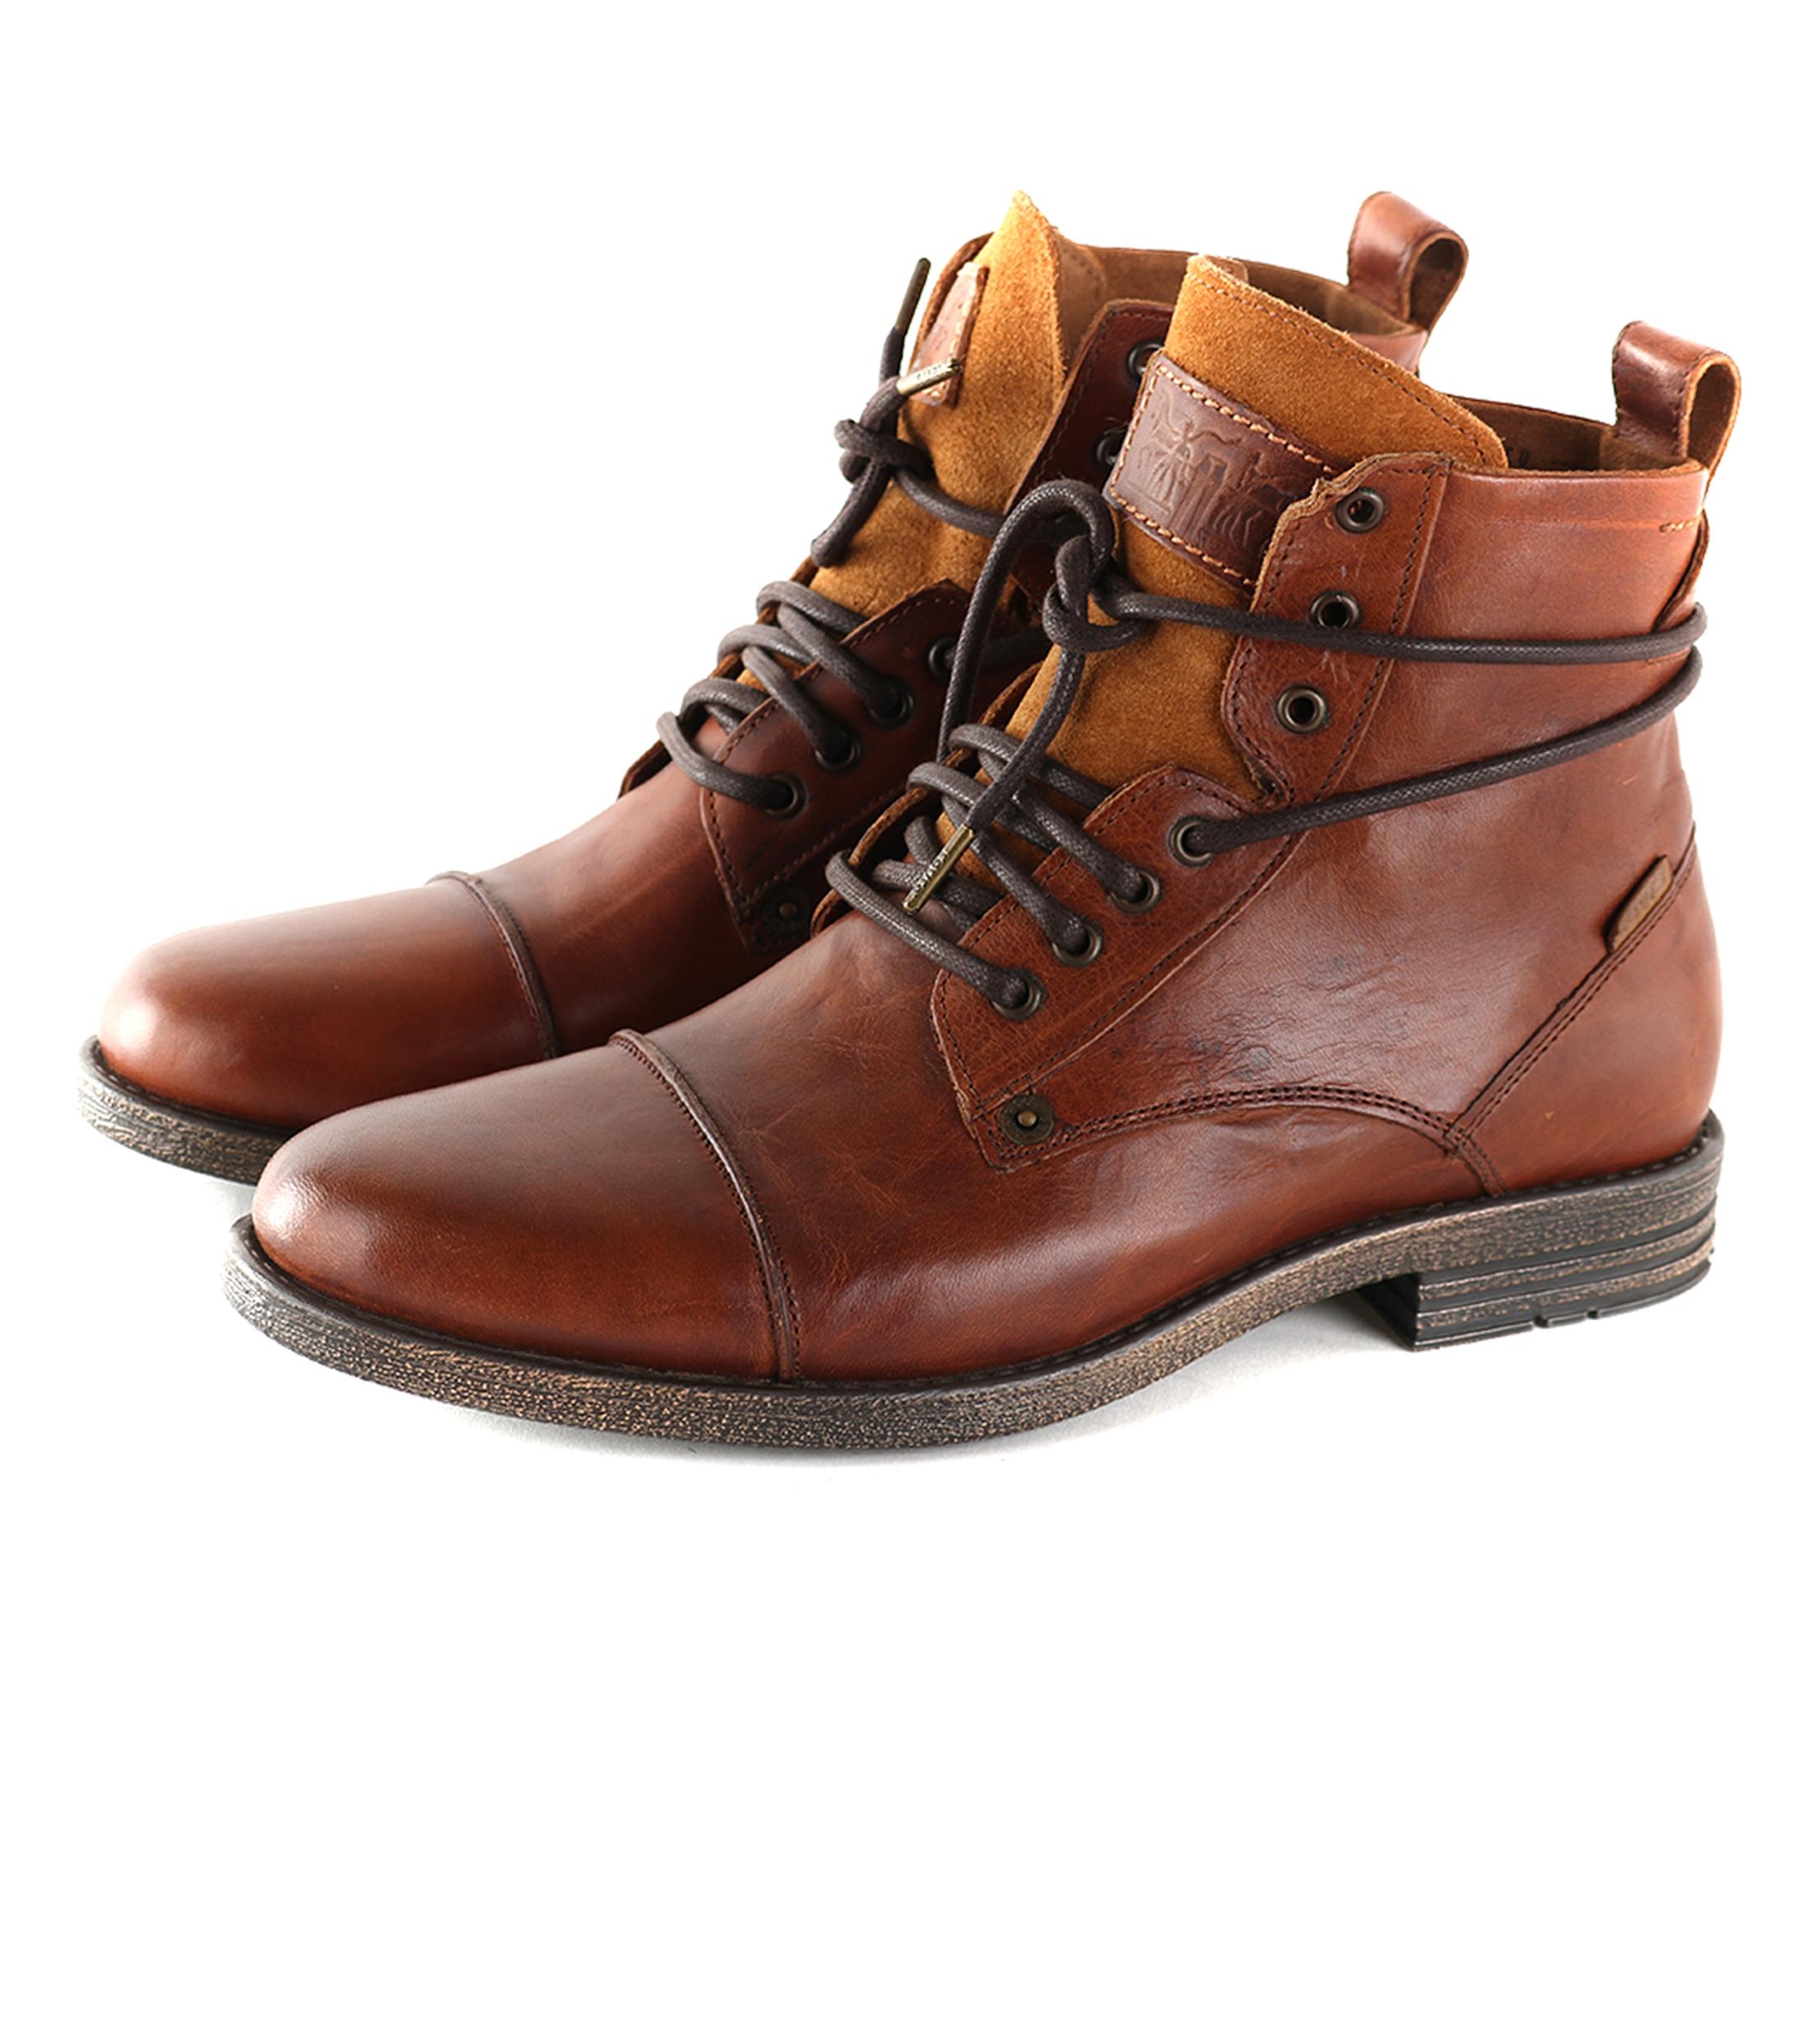 aea2800f615 Levi's Emerson Boots Cognac | Suitable